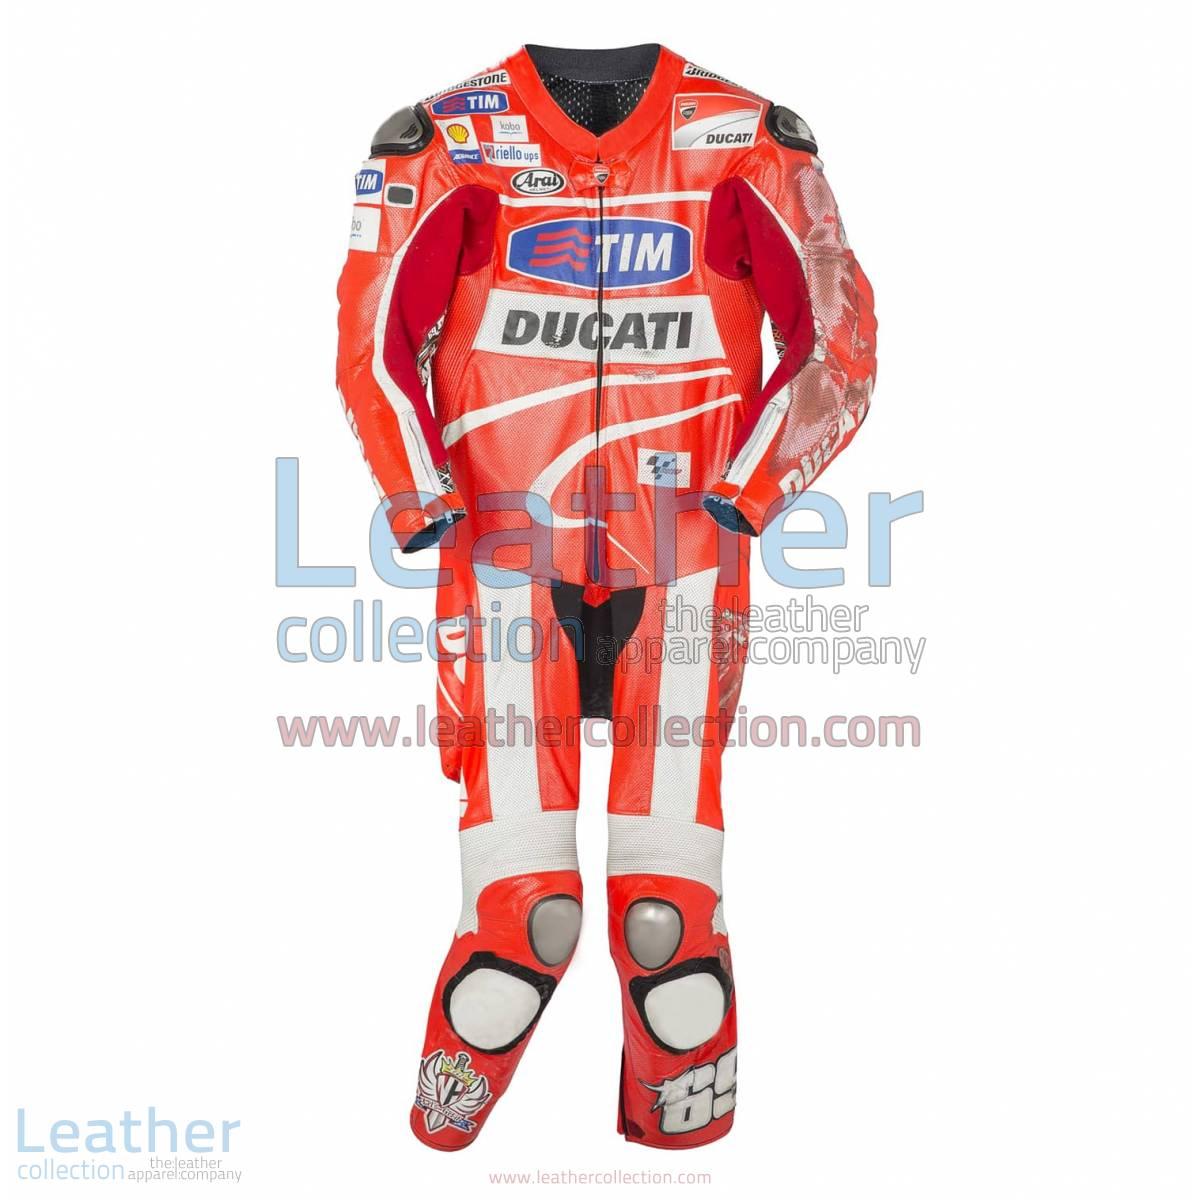 Nicky Hayden Ducati 2013 MotoGP Race Leathers | motogp race leathers